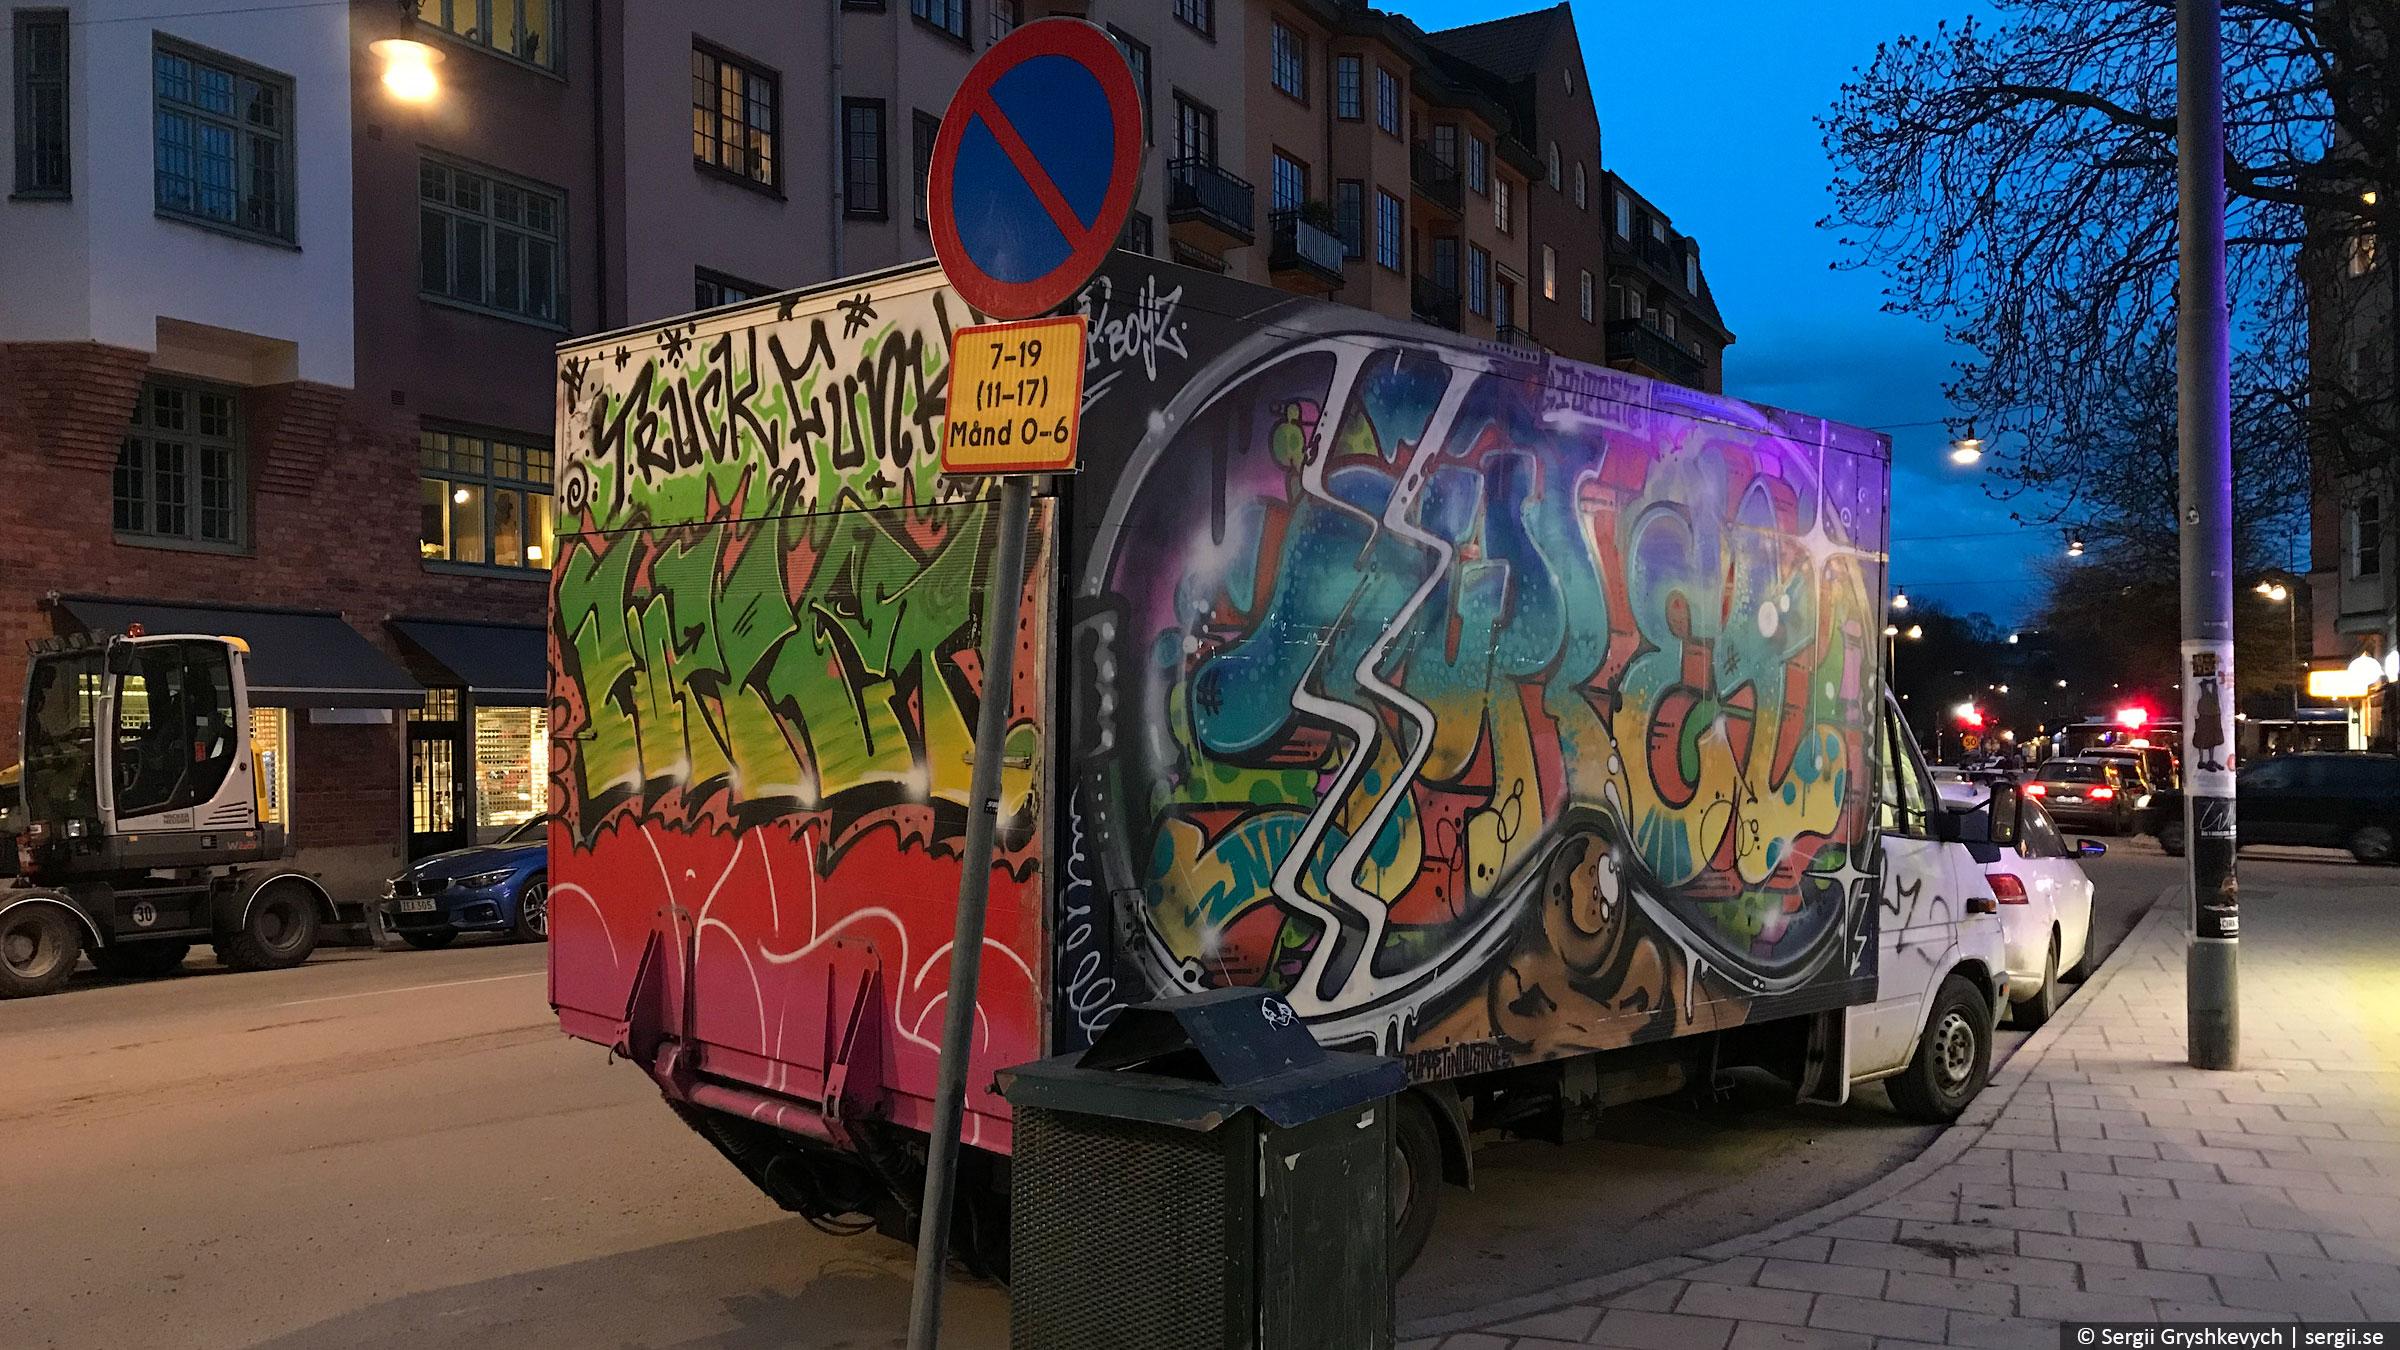 stockholm-sweden-solyanka-10-67